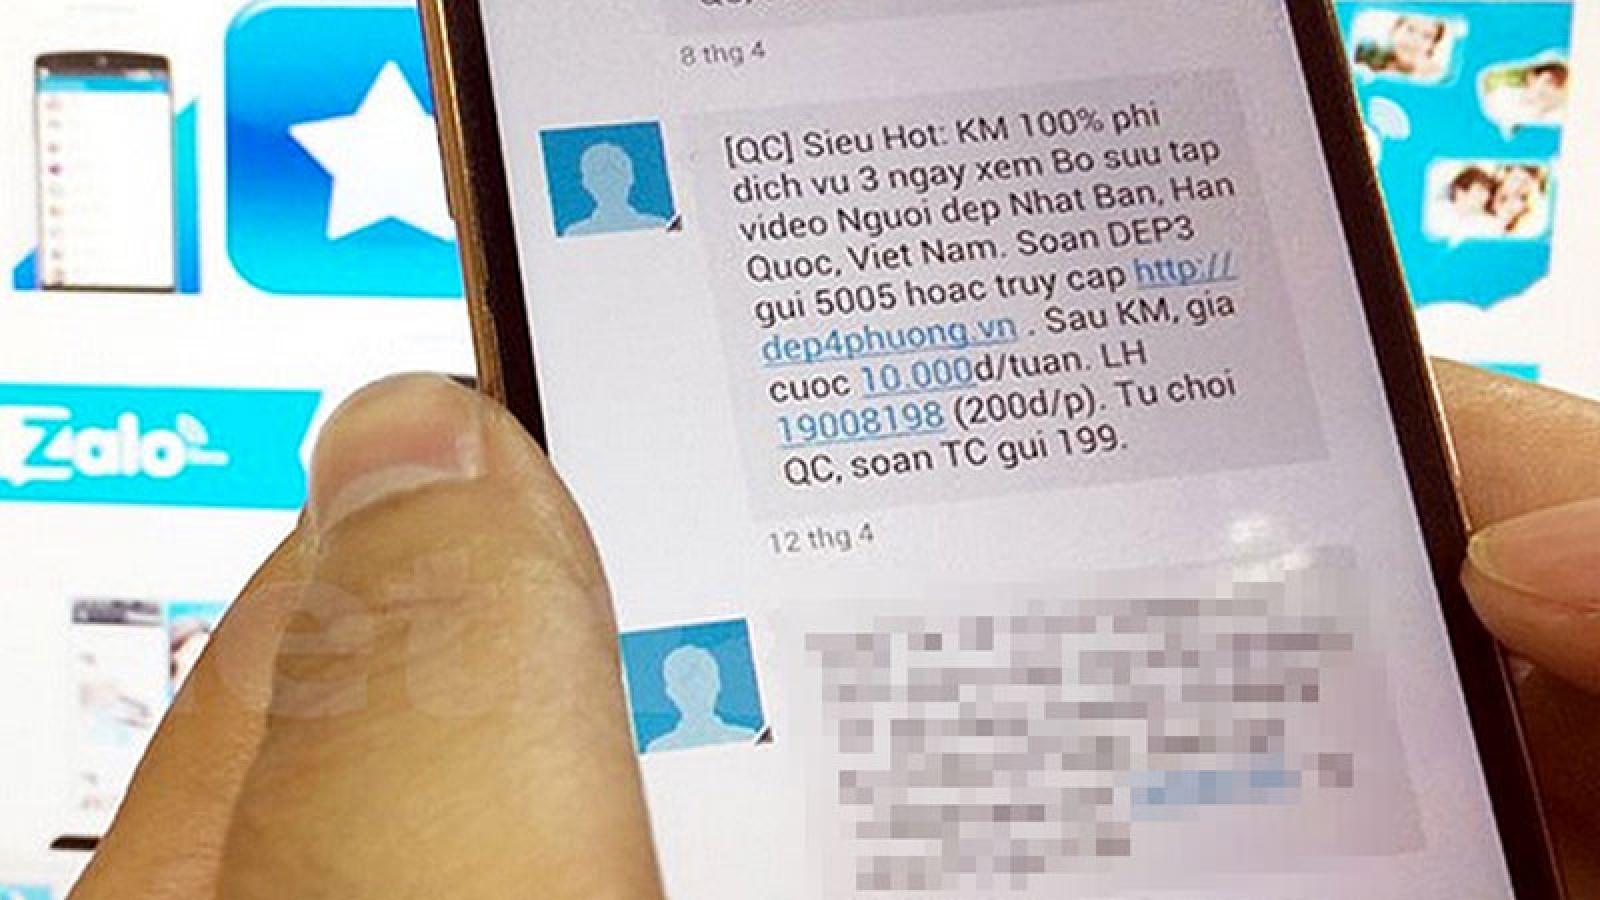 """Tin nhắn, cuộc gọi """"rác"""" giảm hẳn sau khi áp dụng Nghị định 91"""